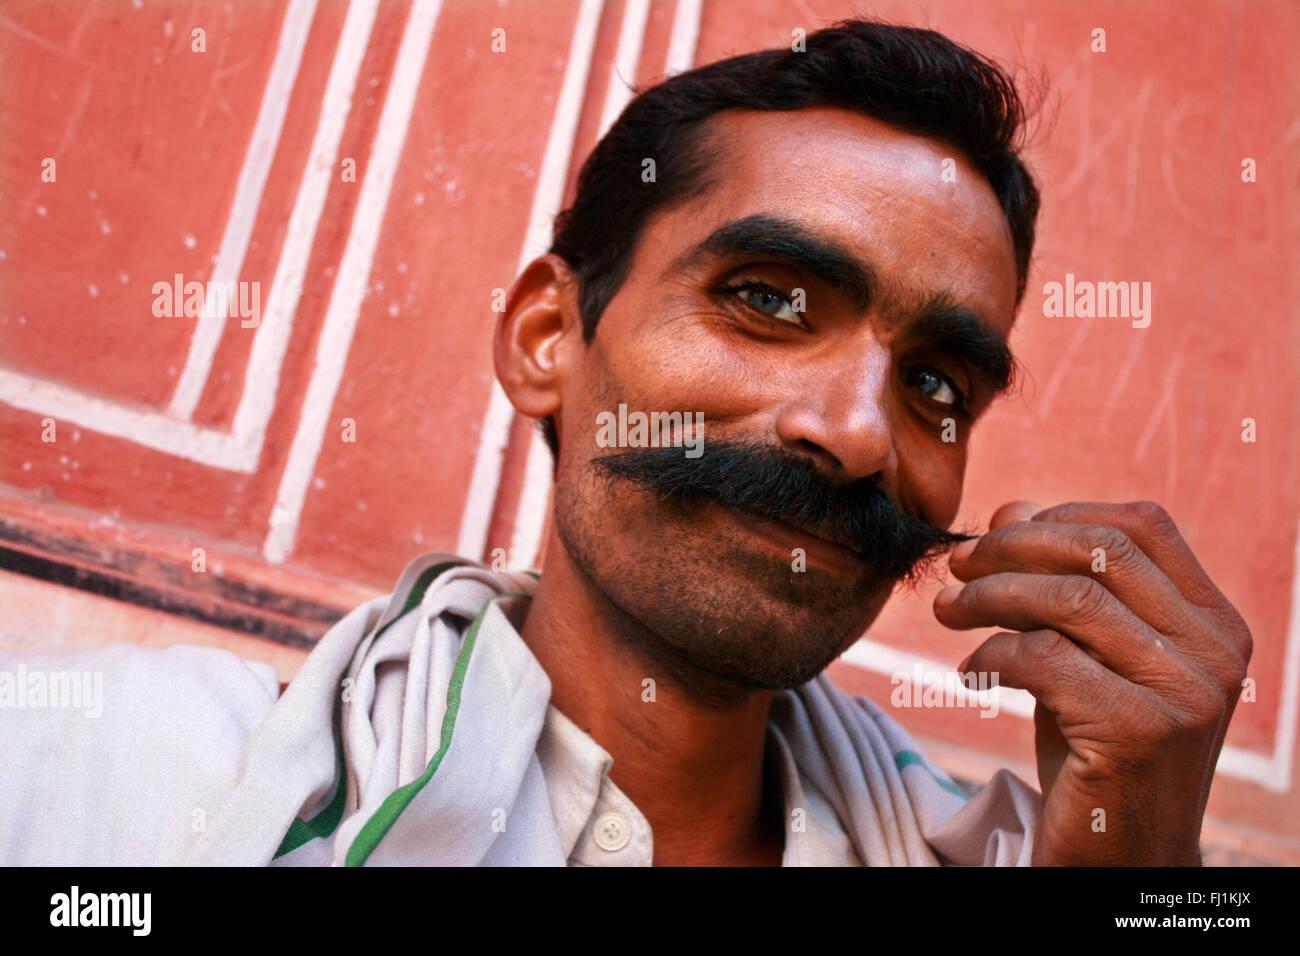 L'homme du Rajasthan avec moustache , Jaipur, Inde Banque D'Images